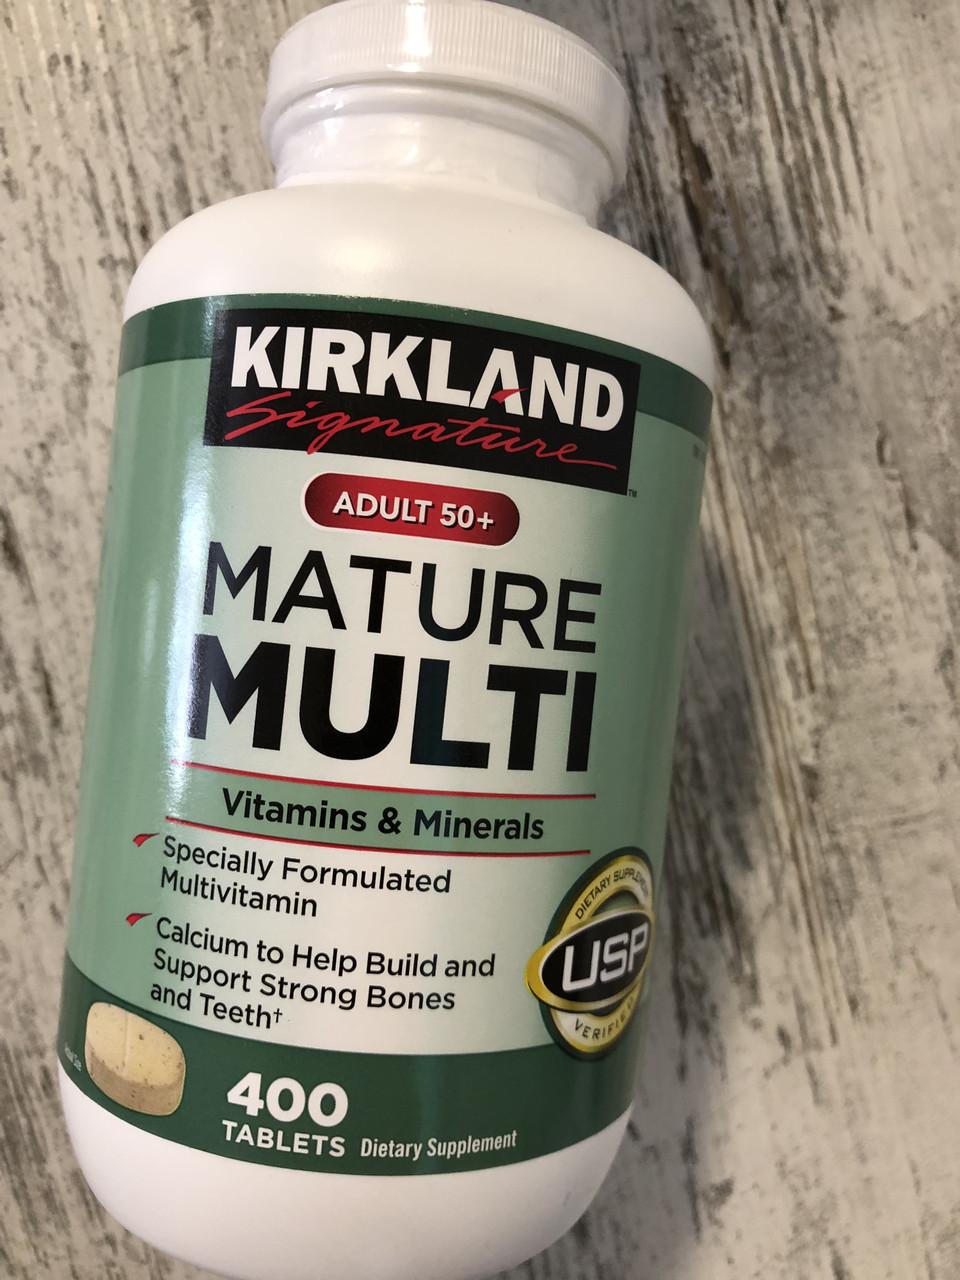 Витамины и минералы после 50 лет Kirkland Signature Adult 50